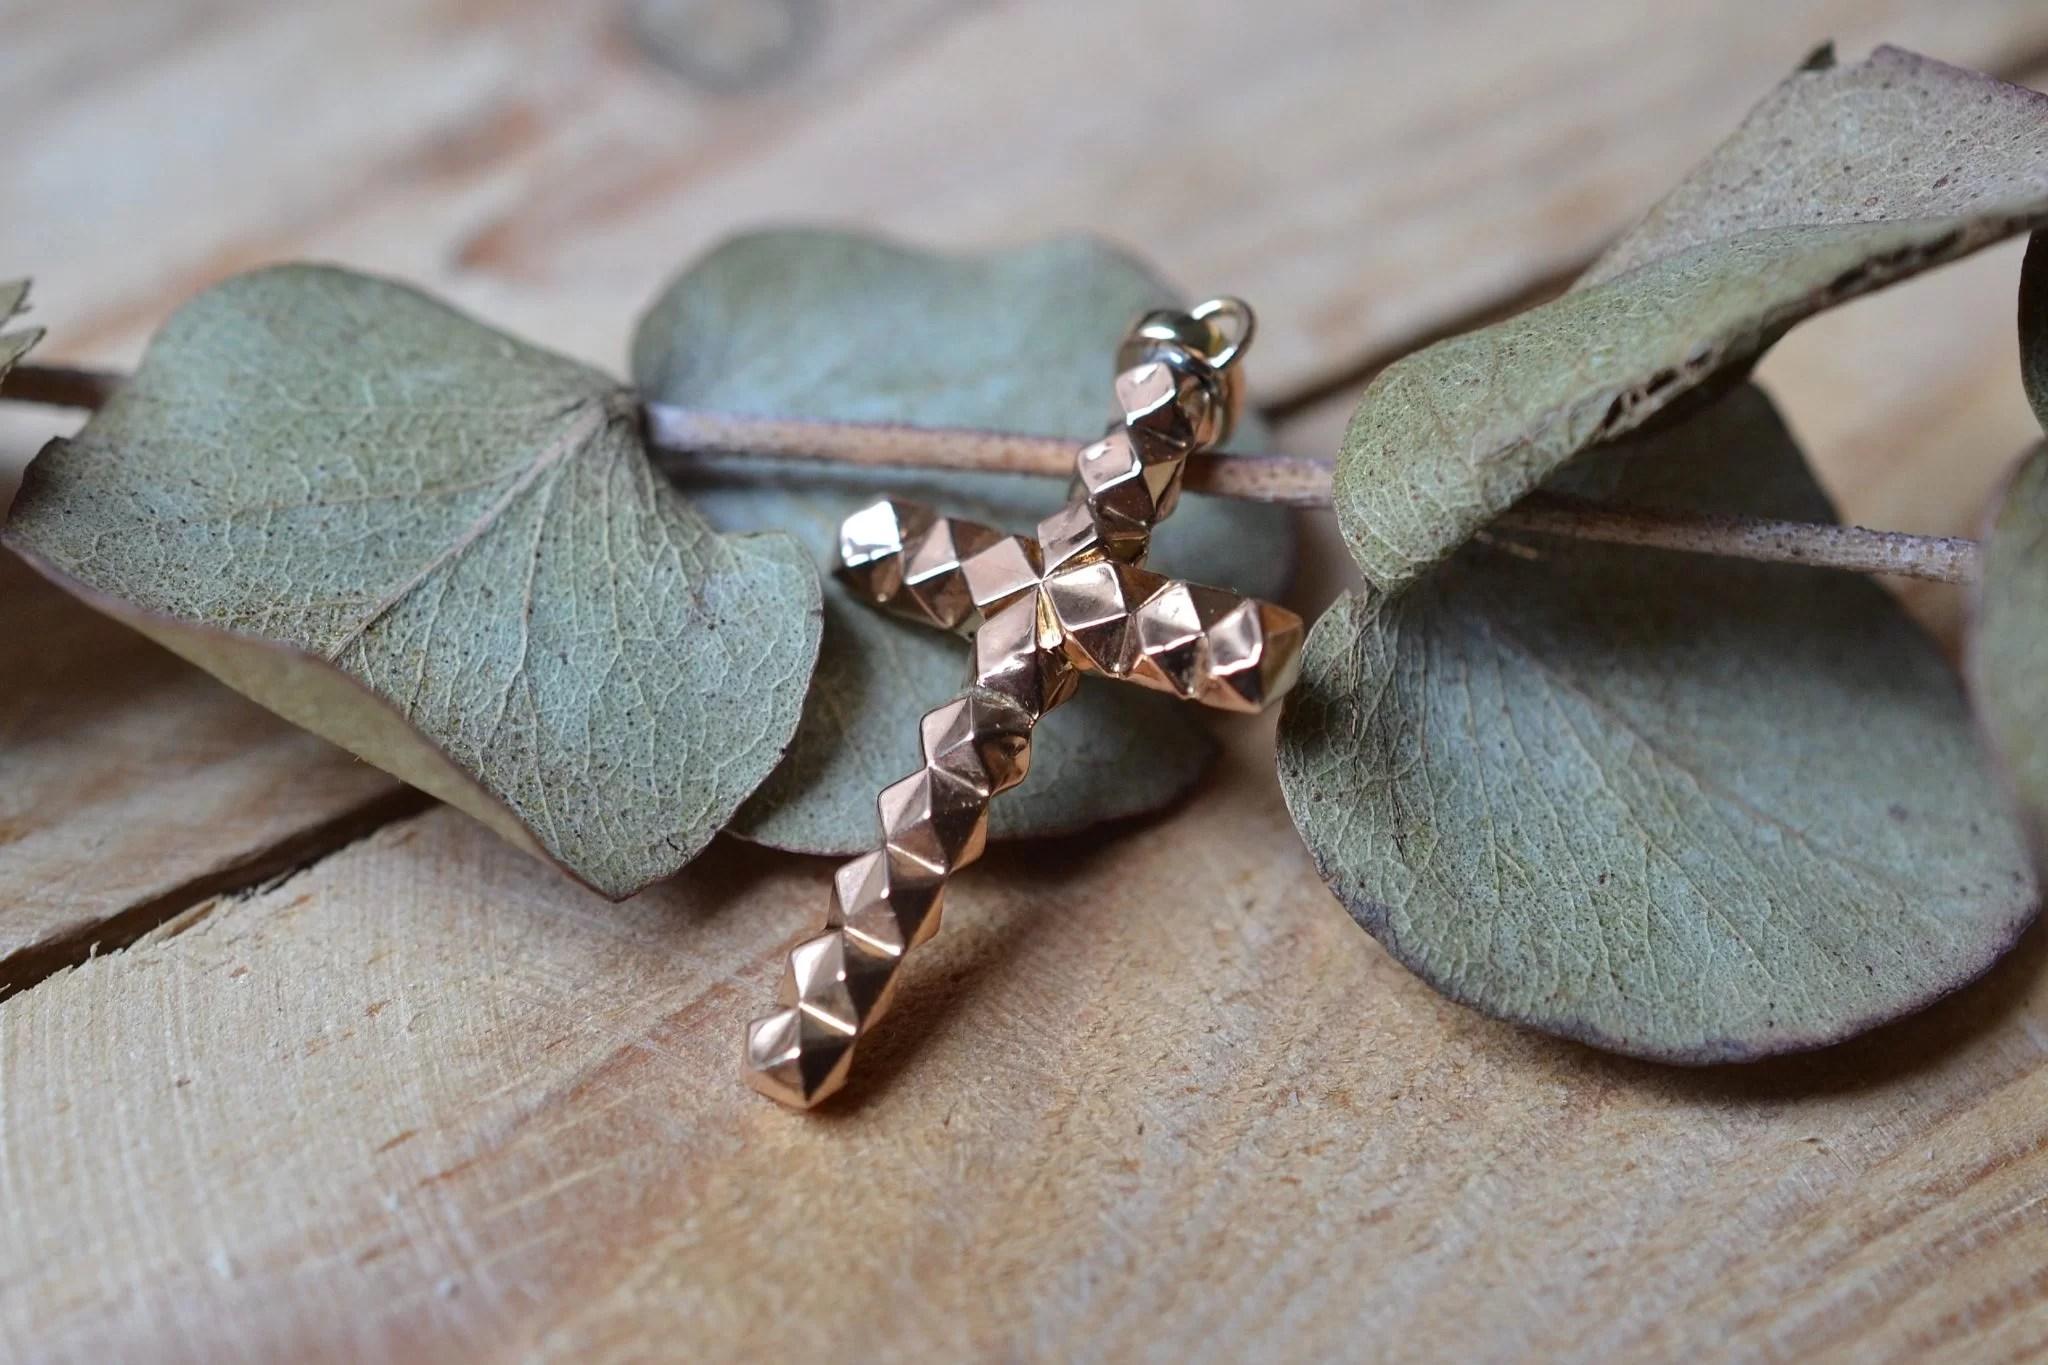 Pendentif en forme de croix facettée en Or rose - bijou de seconde main